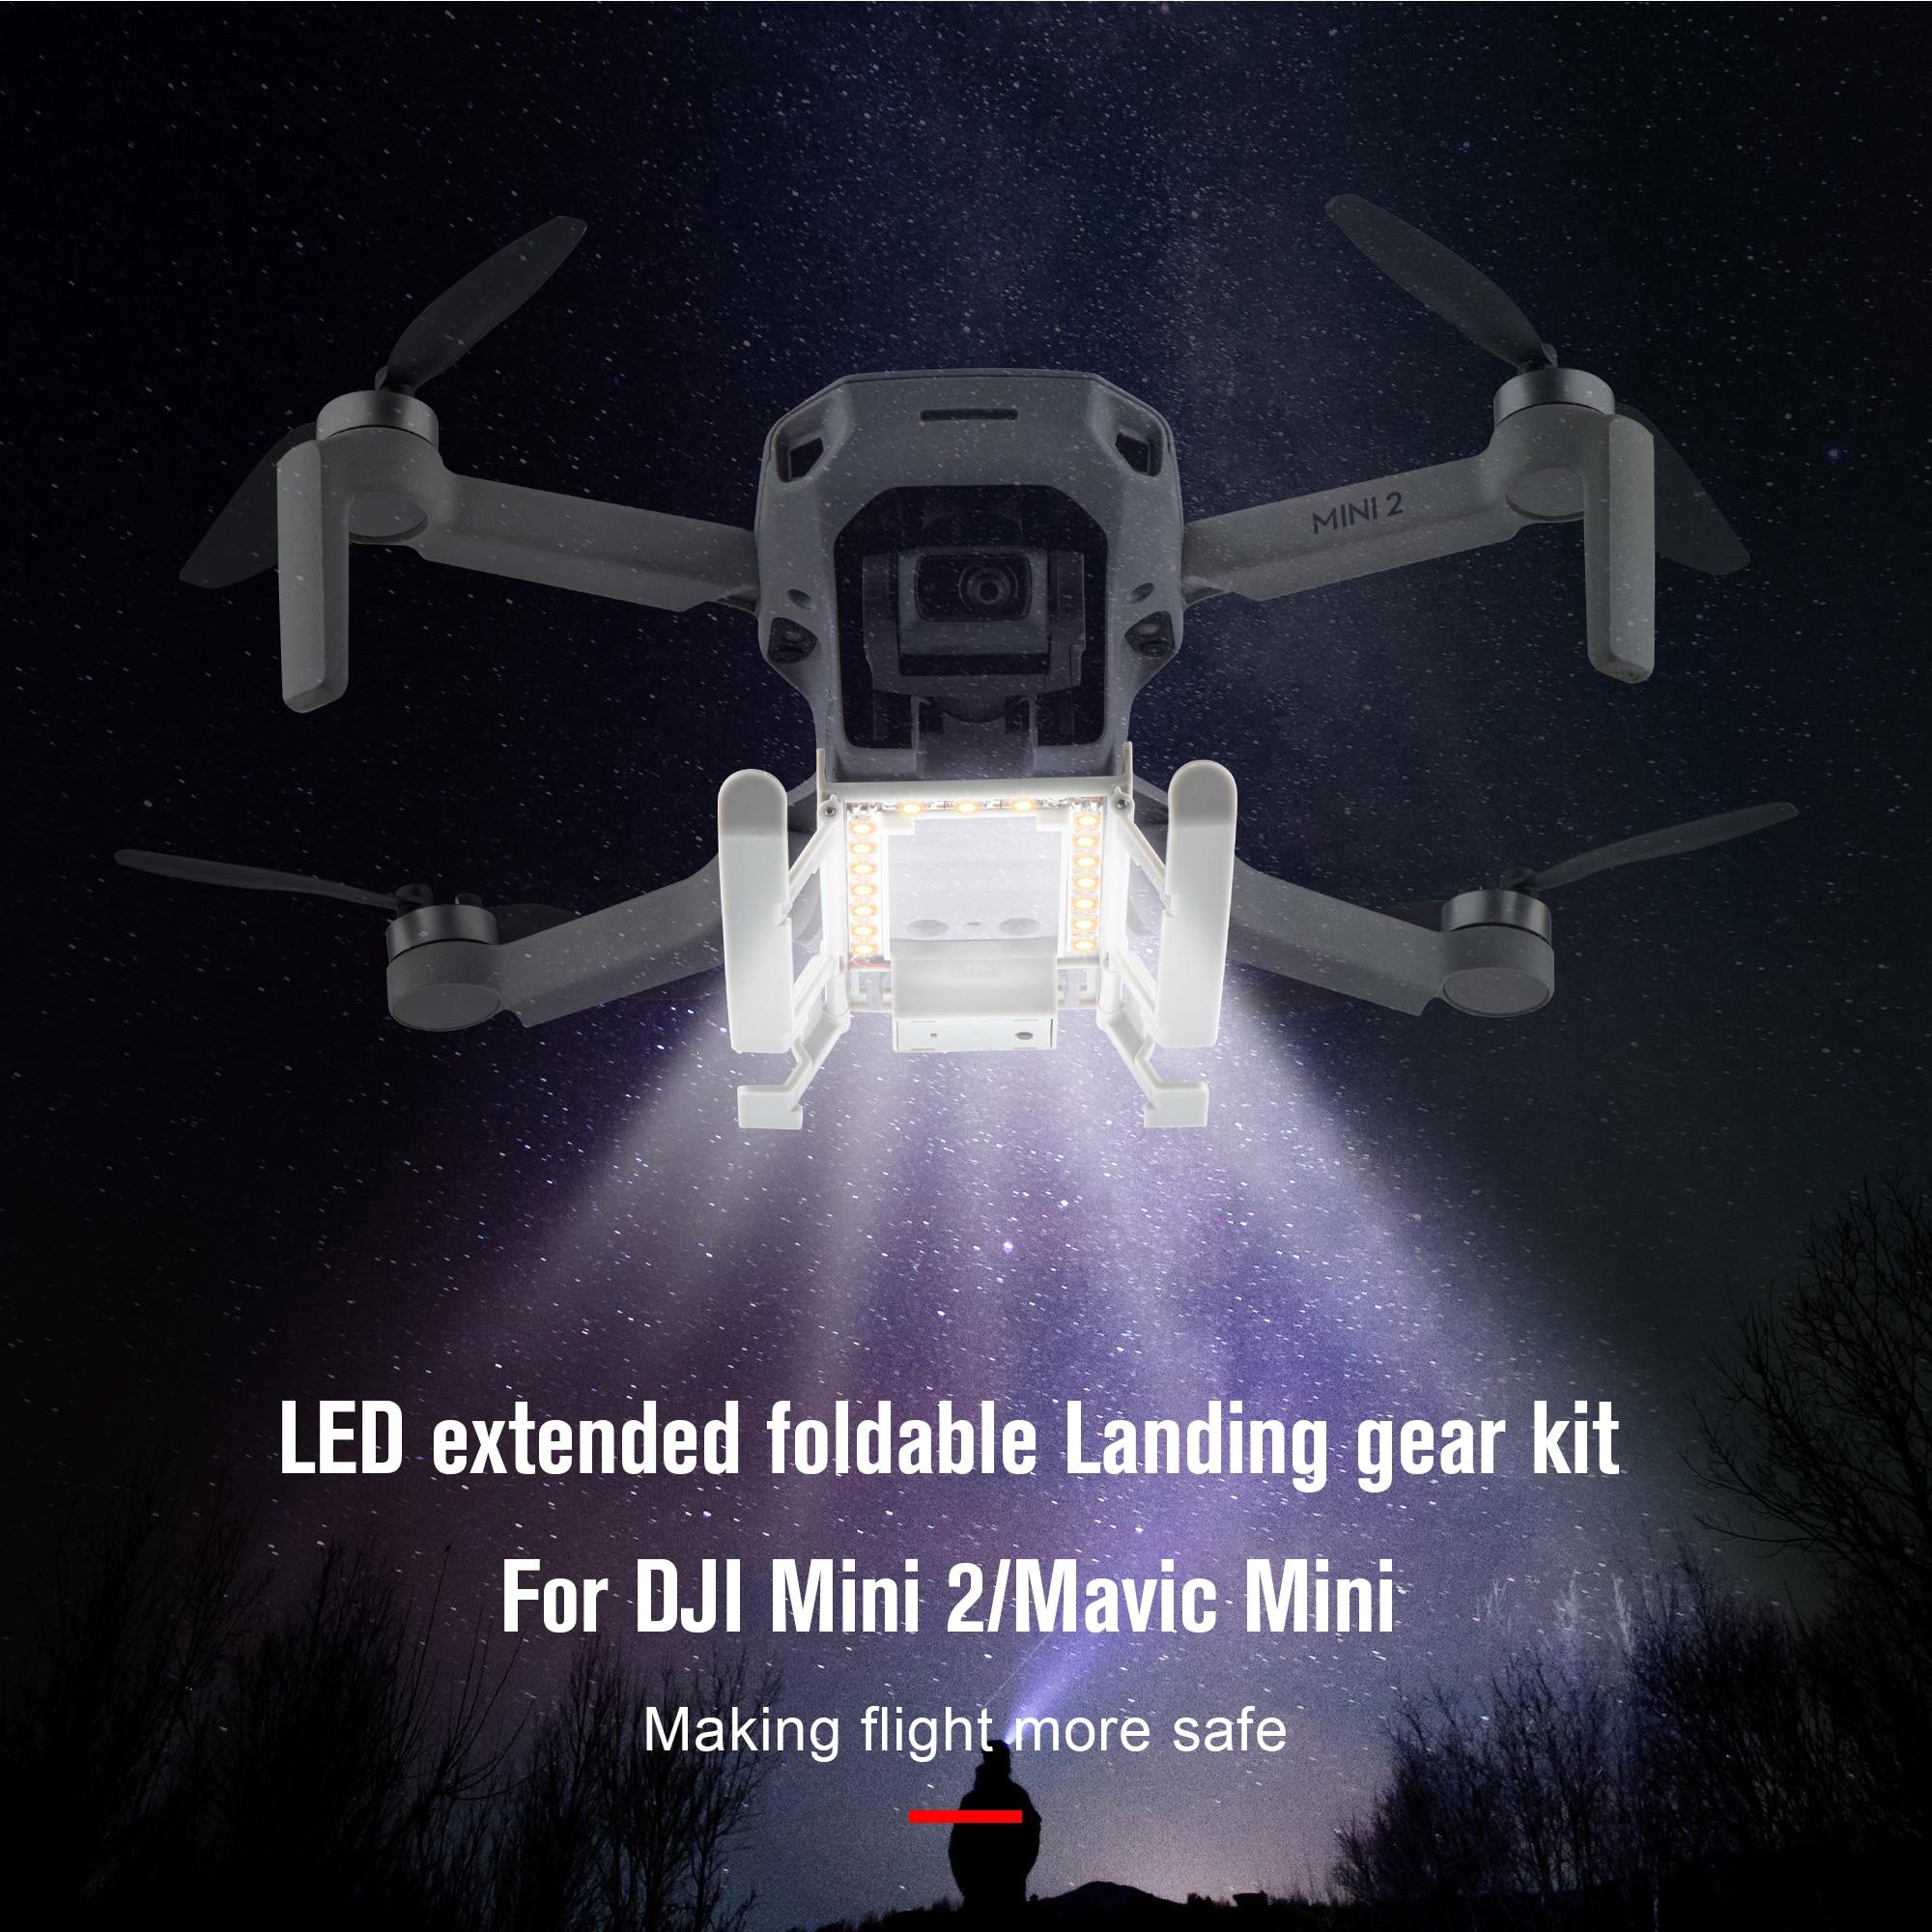 mini-2-carrello-di-atterraggio-pieghevole-lampada-a-led-kit-skid-di-atterraggio-espansione-estesa-per-dji-mavic-mini-mini-2-accessori-per-droni